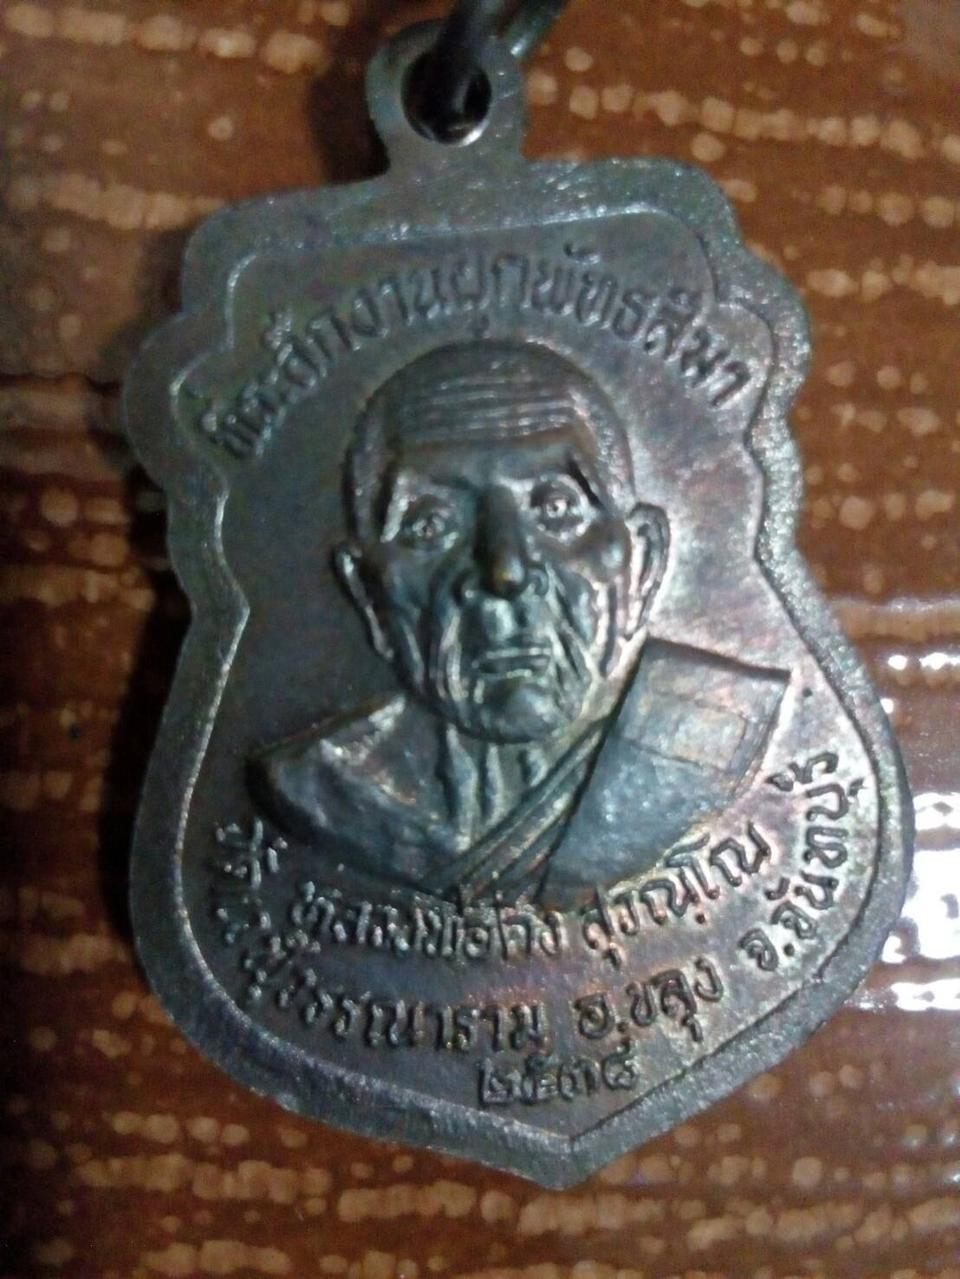 เหรียญหลงพ่อคง  สุวรณุโณ ที่ระลึกงานผูกพัทธสีมา    ปี 2538 รูปที่ 1